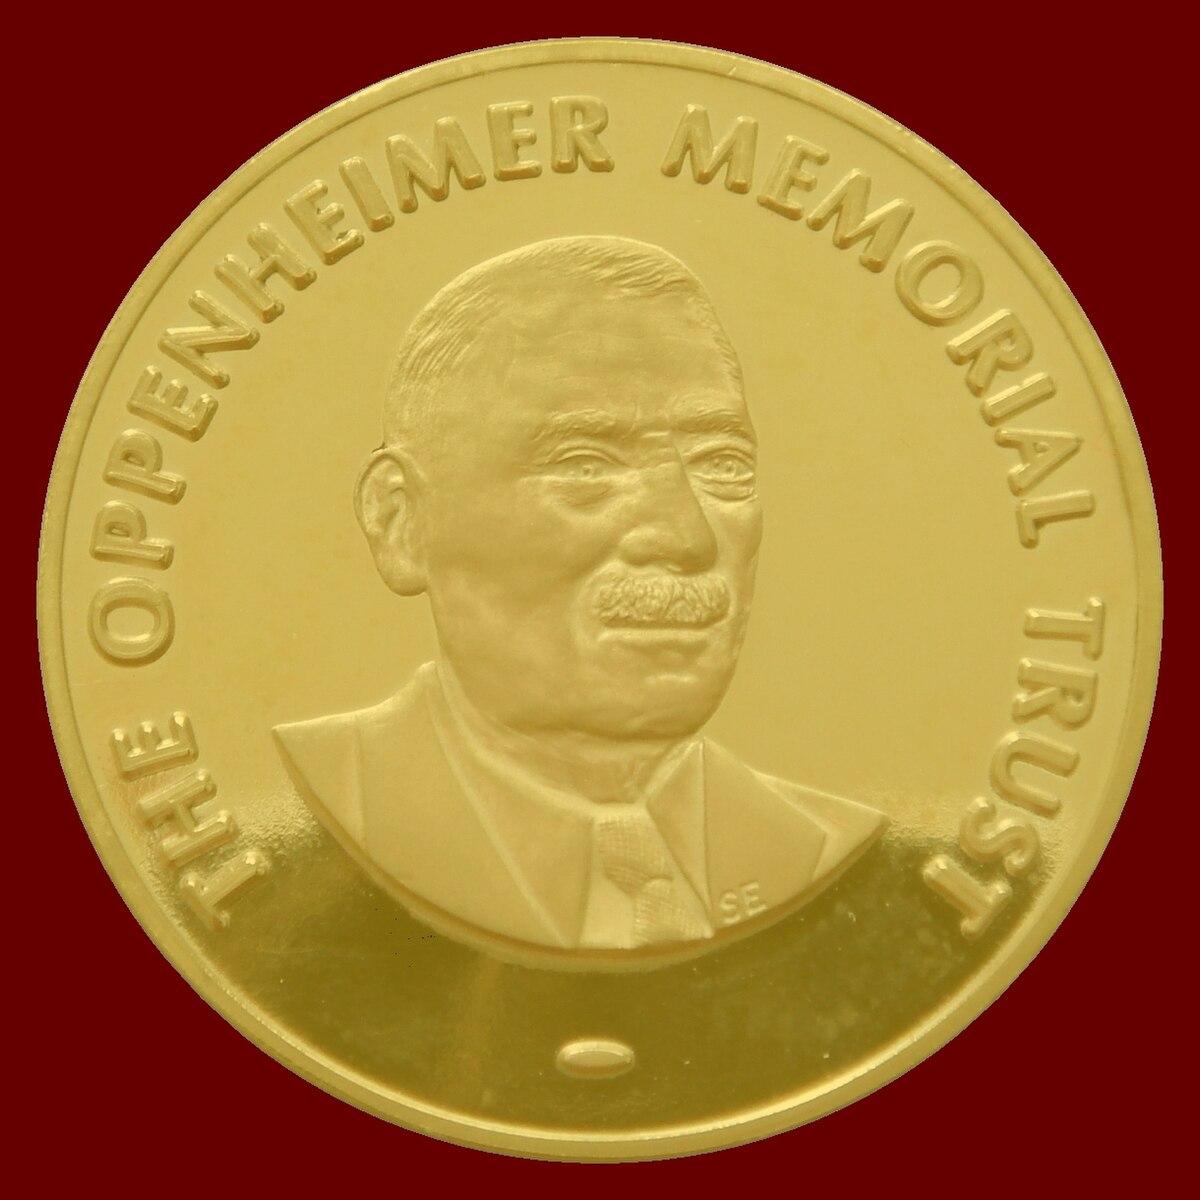 Harry Oppenheimer Fellowship Award - Wikipedia